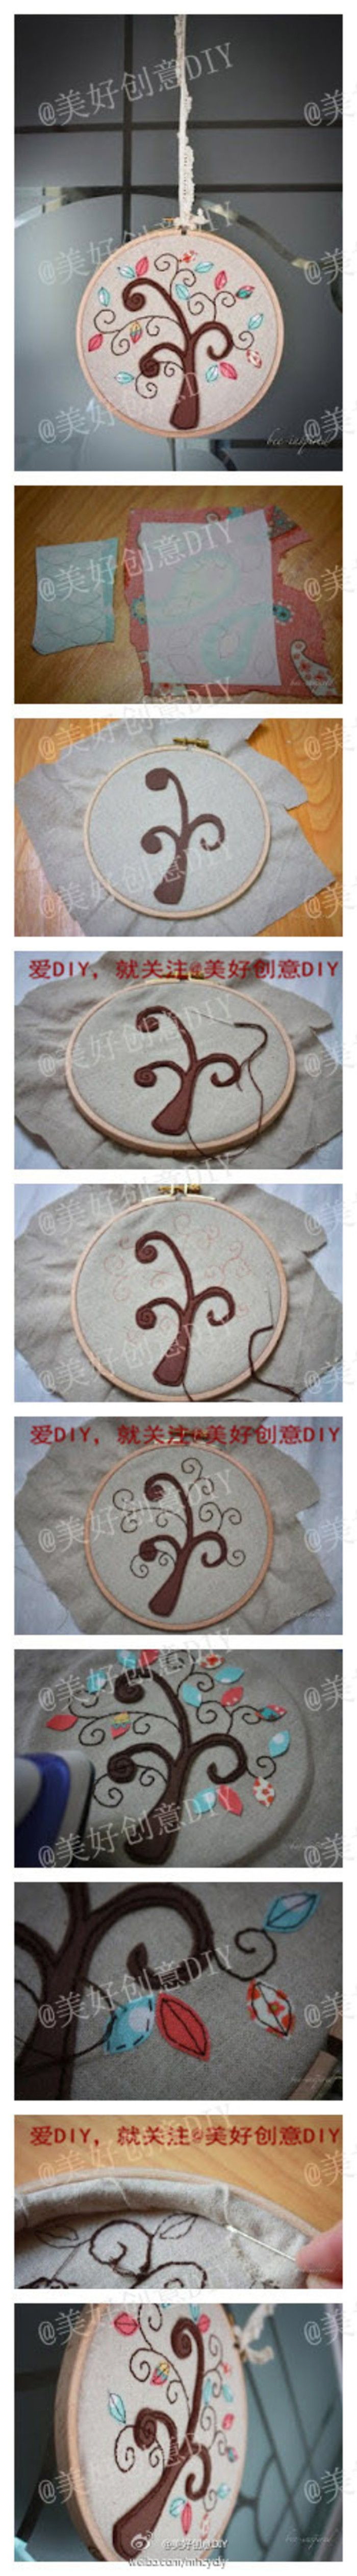 美丽的大树刺绣,刺绣神马的最有爱了~——更多有趣内容,请关注@美好创意DIY